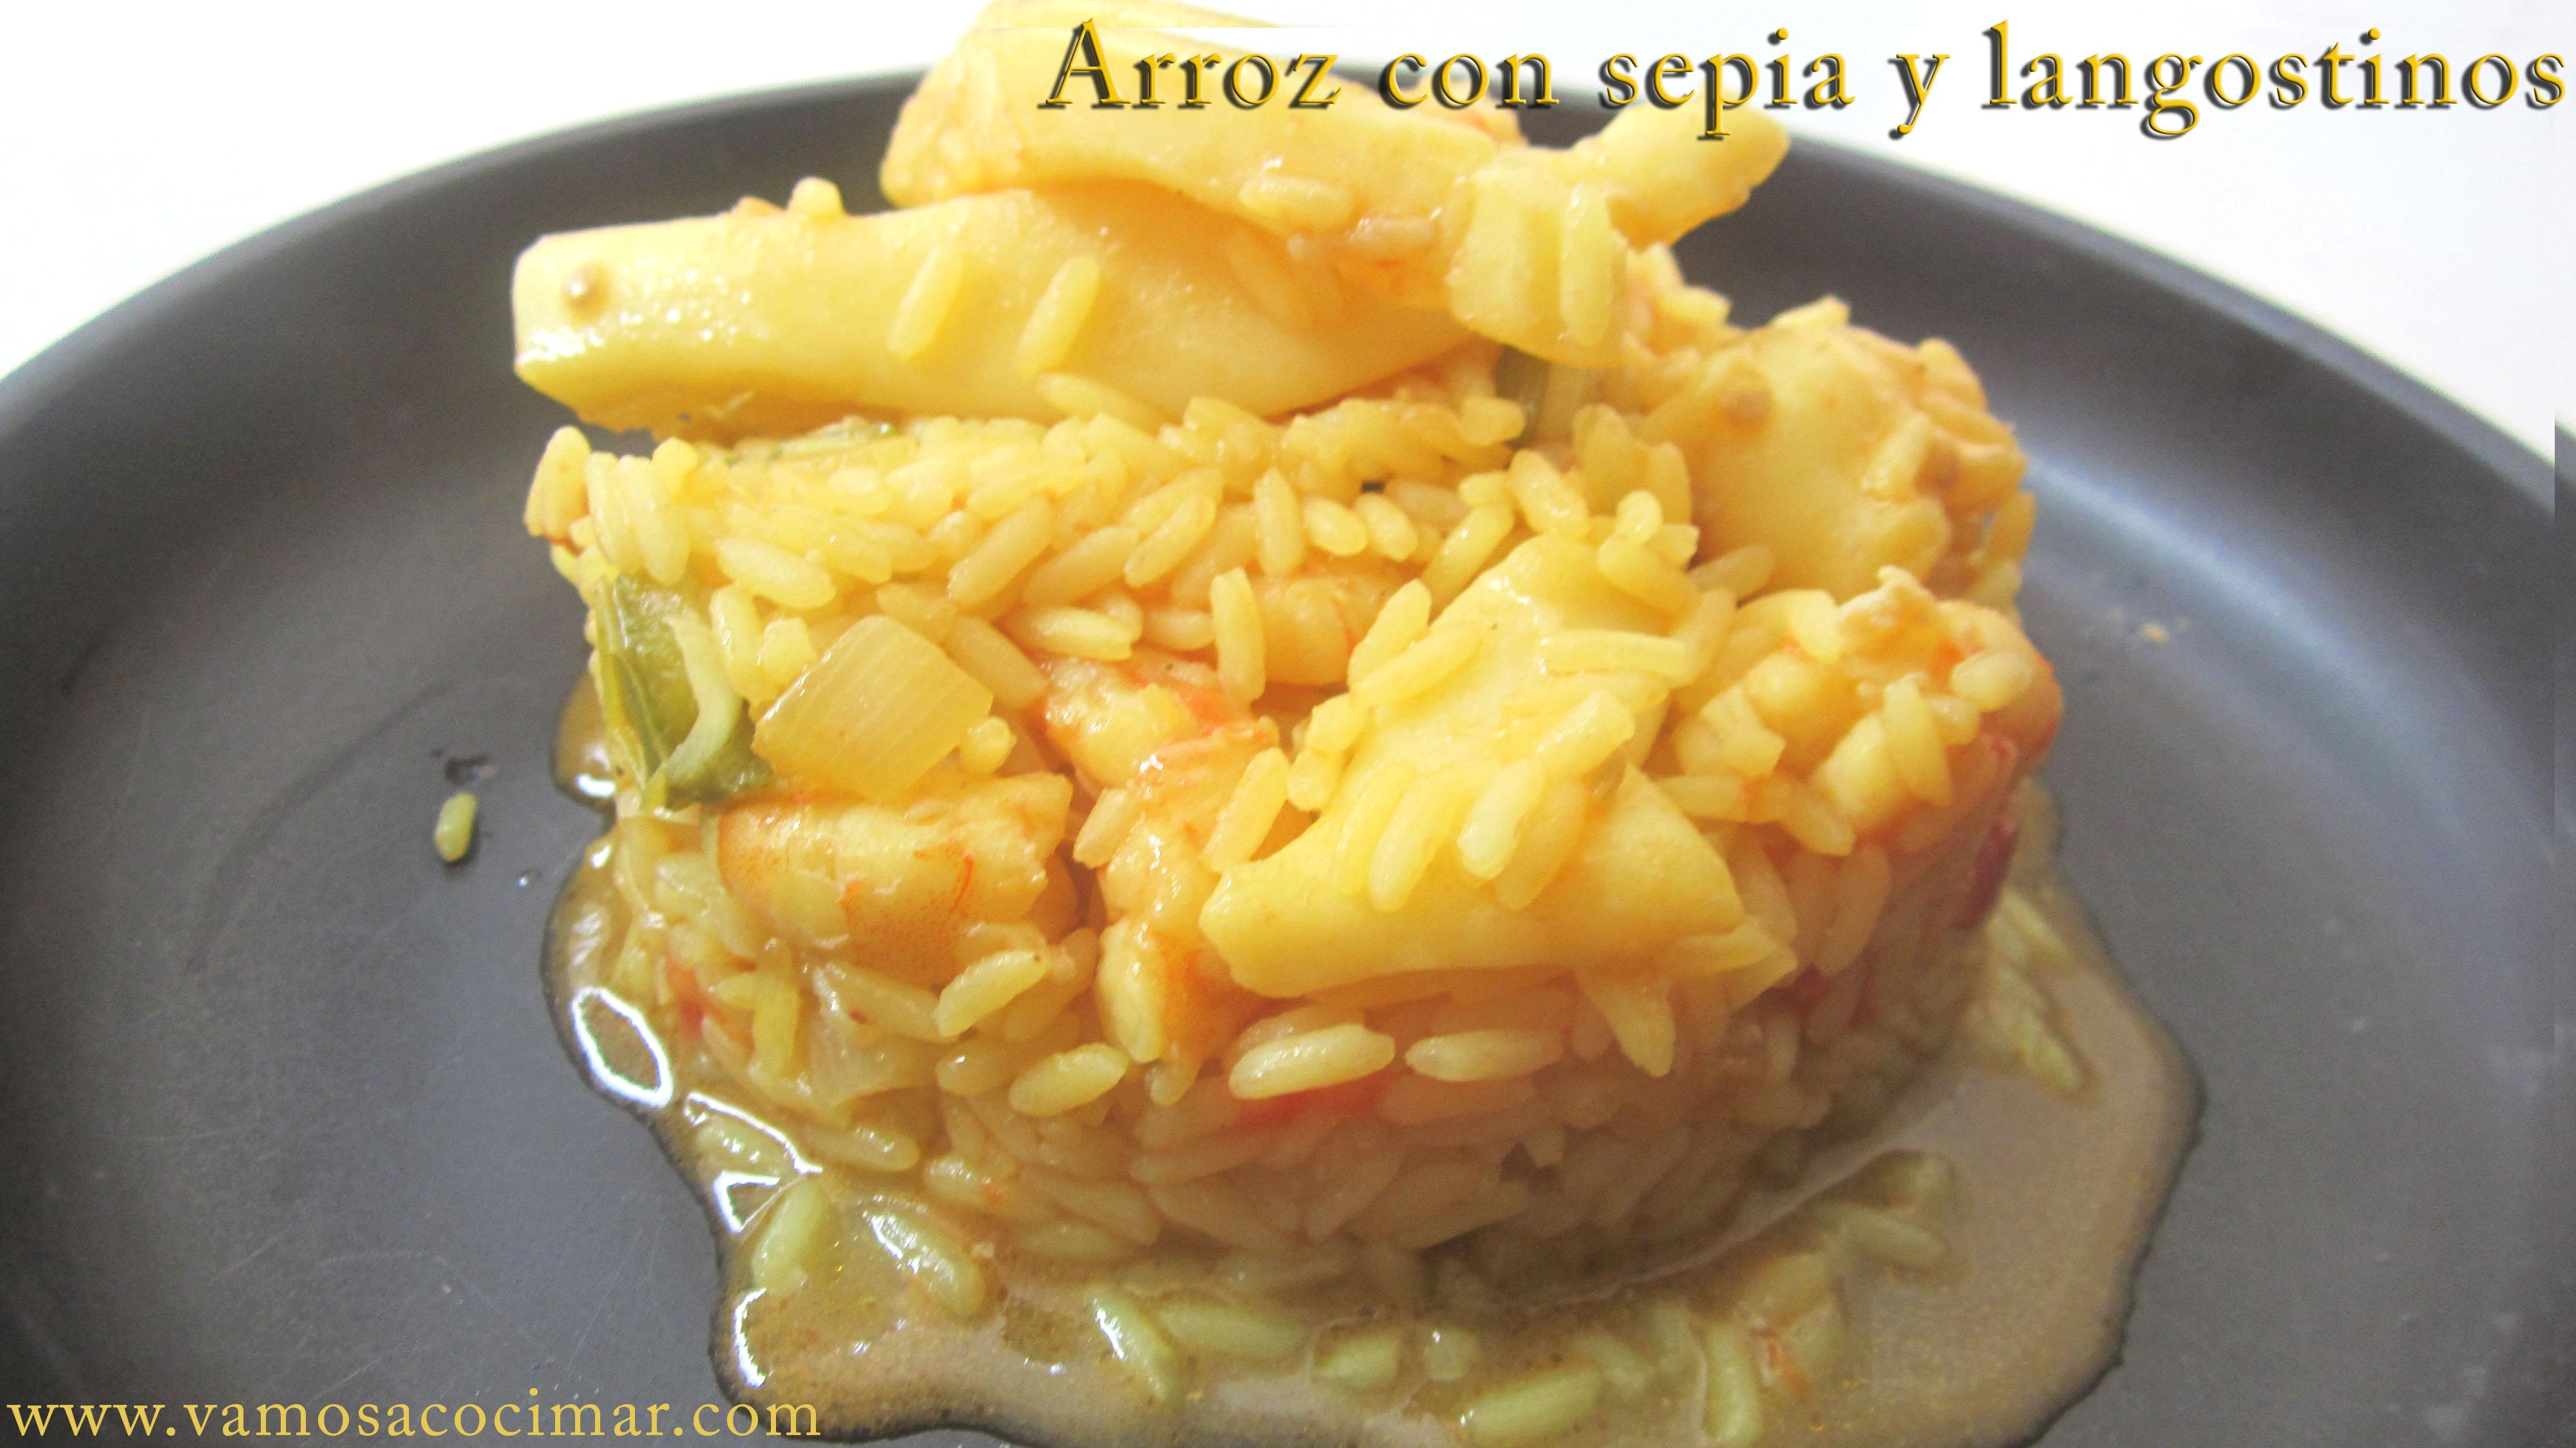 Receta arroz con sepia y langostinos rico y fácil